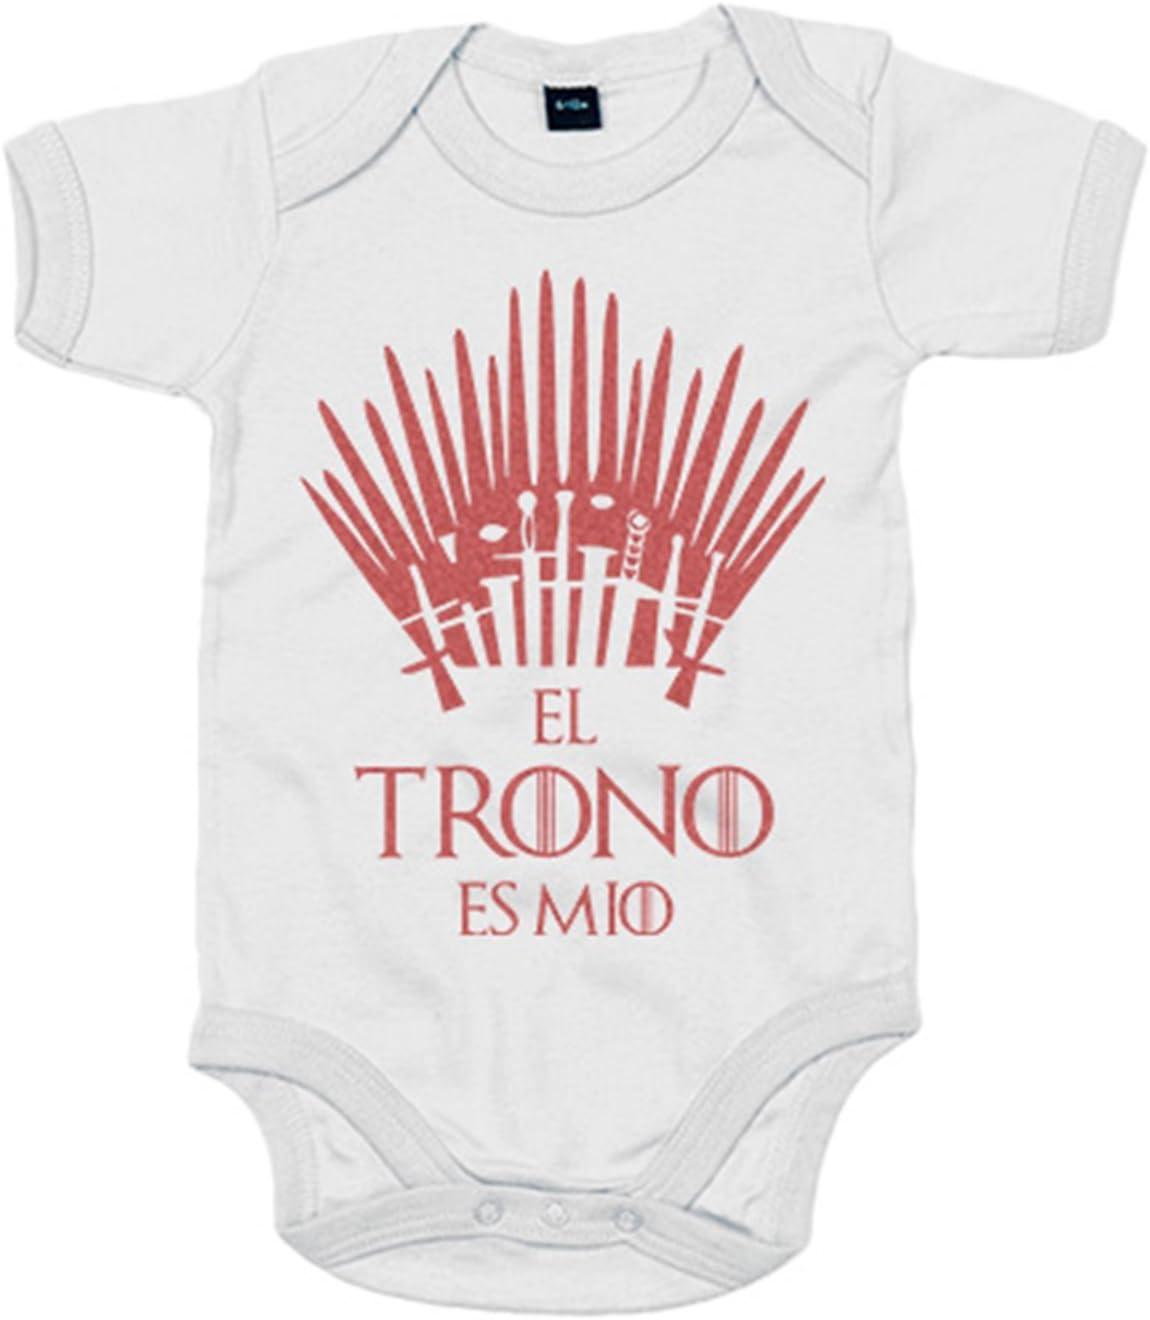 Body bebé El trono es mío - Blanco, 6-12 meses: Amazon.es: Bebé